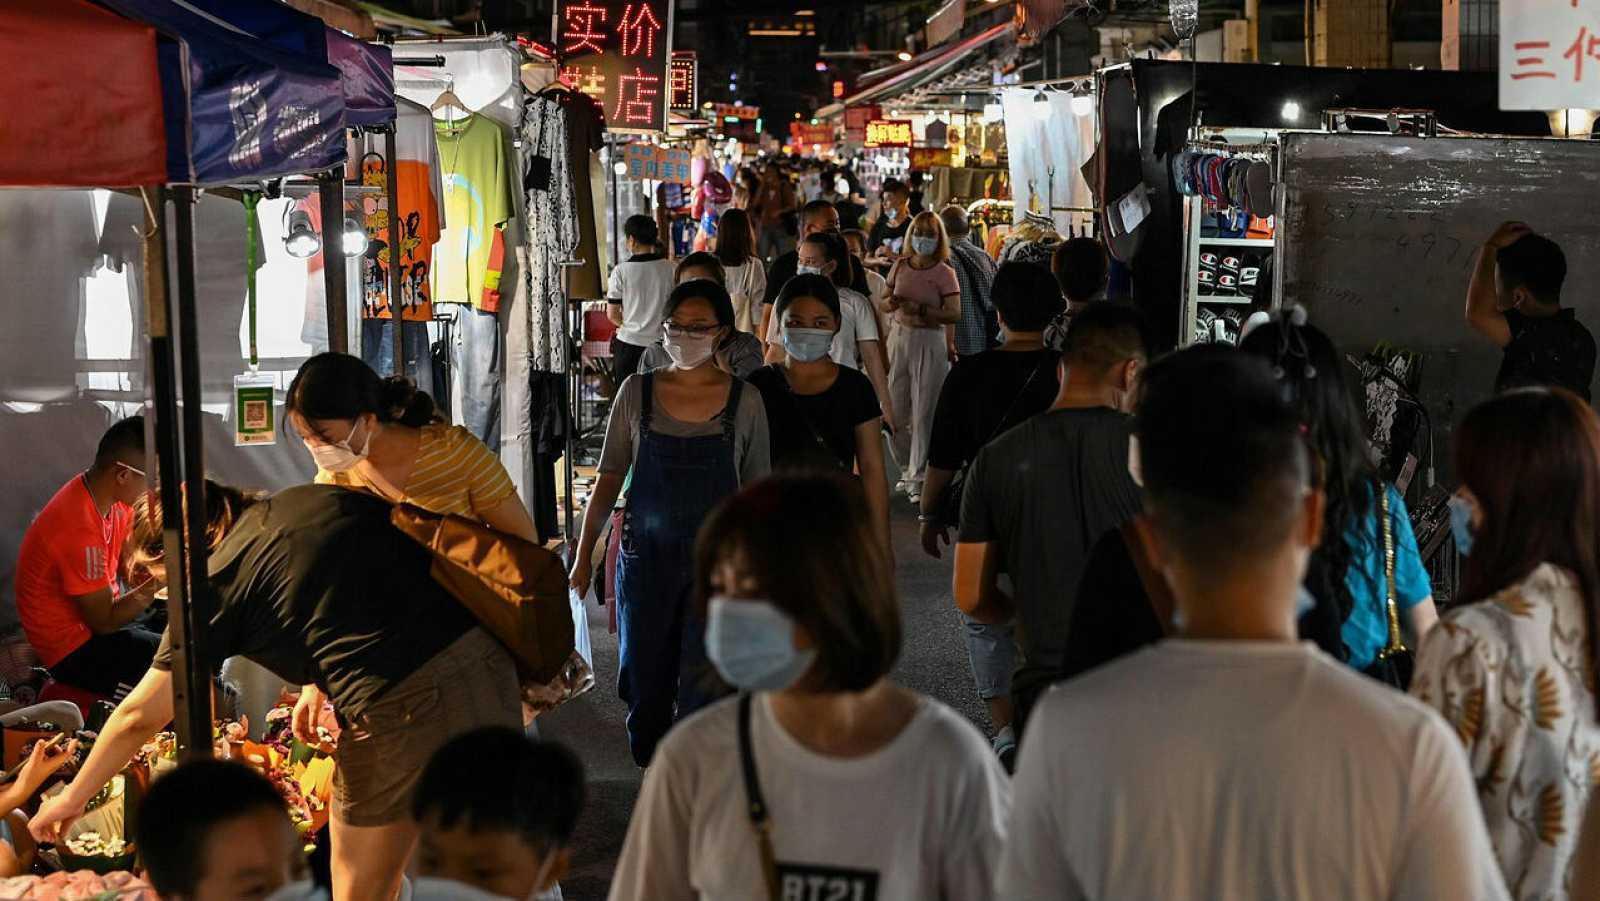 Personas caminando por un mercado nocturno en Wuhan, en la provincia central de Hubei, en China.